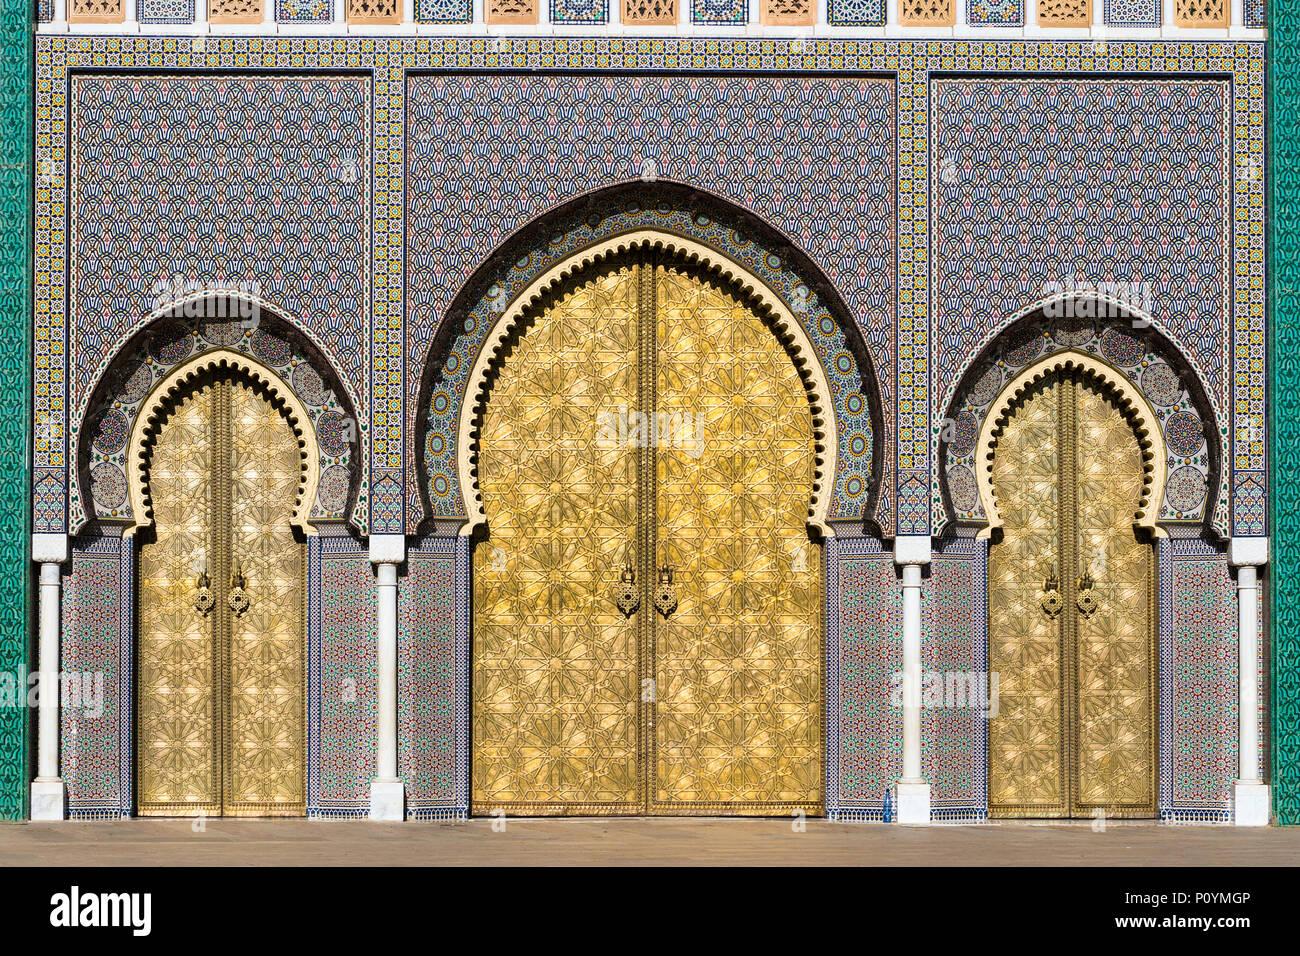 Cancello in ottone e zellige tilework mosaico su dar al makhzen o